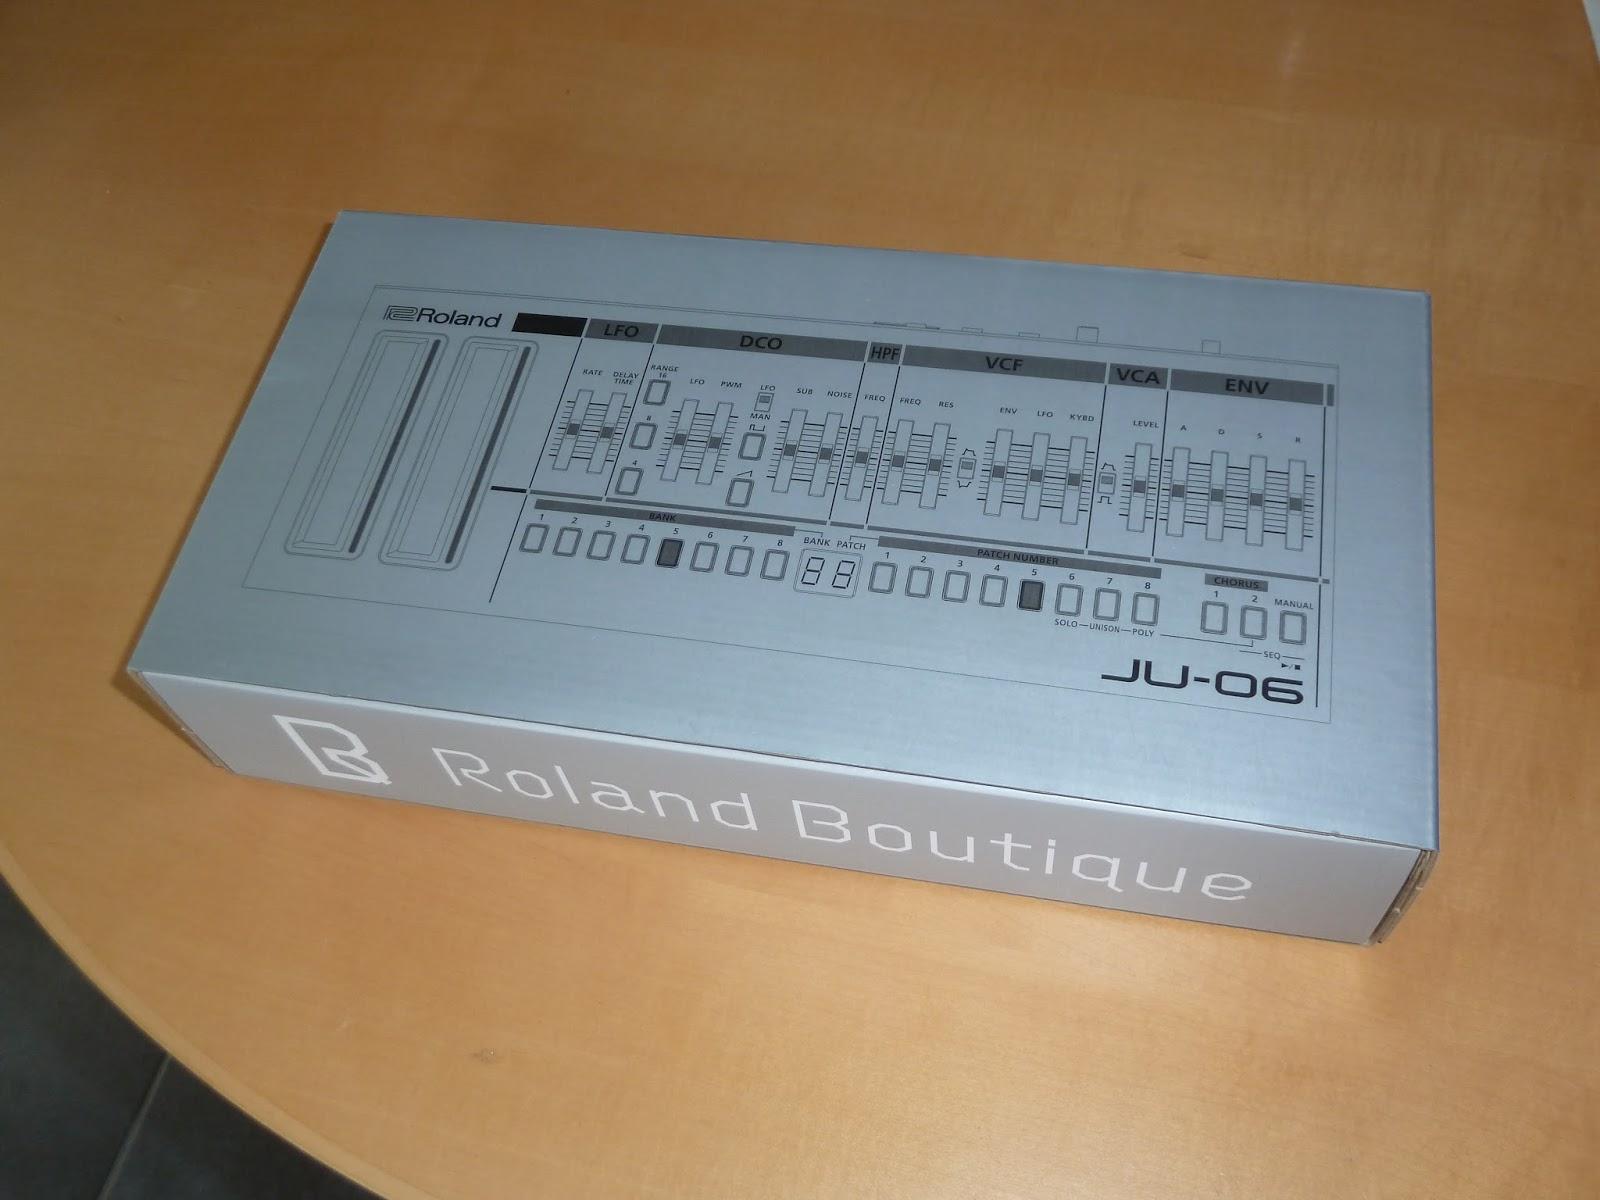 YoshiMusix: Roland Boutique JU-06